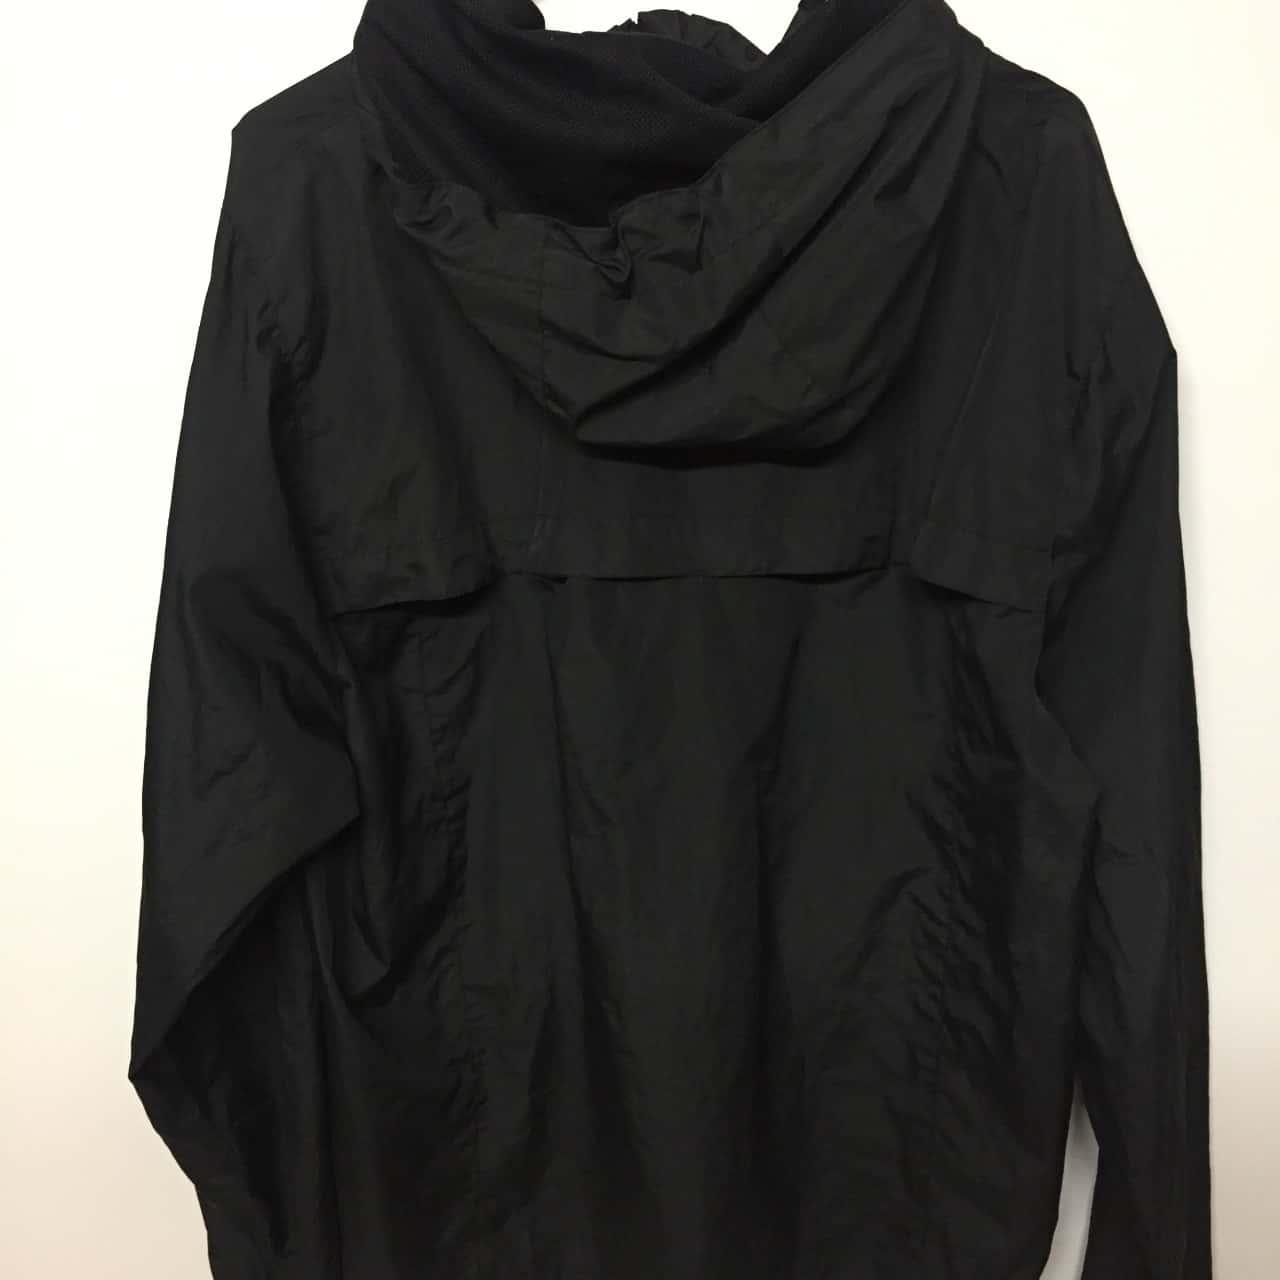 Billabong Mens Rain Jacket Size L